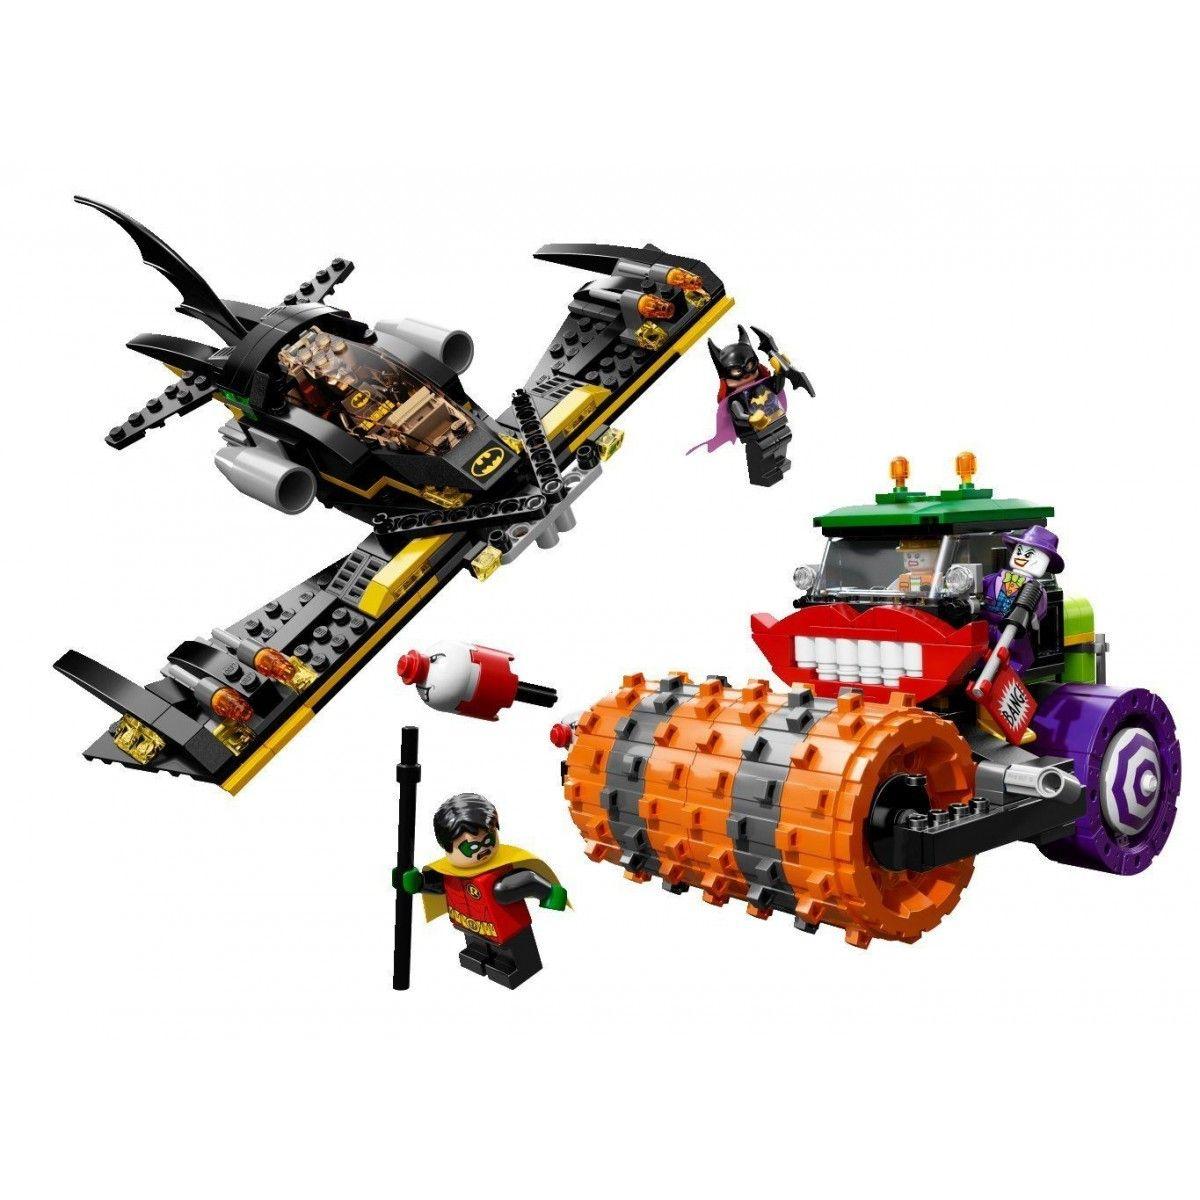 76013 LEGO Super Heroes Batman The Joker Steam Roller